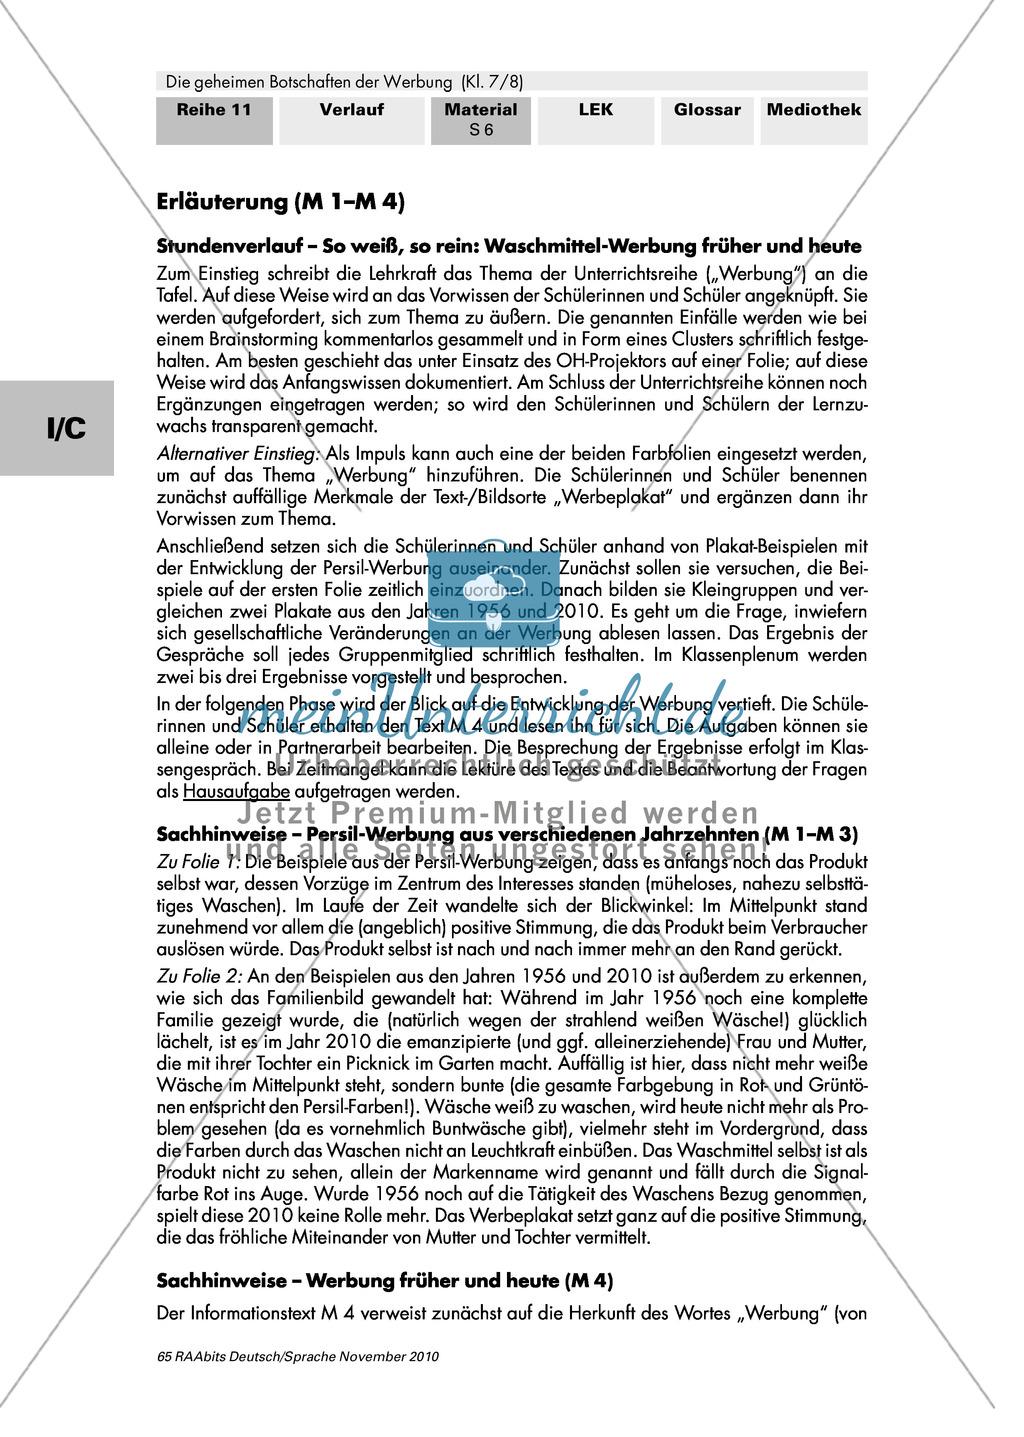 Werbung früher und heute: Werbung als gesellschaftliches Phänomen verstehen, Geschichte und Funktion der Werbung herausarbeiten Preview 5